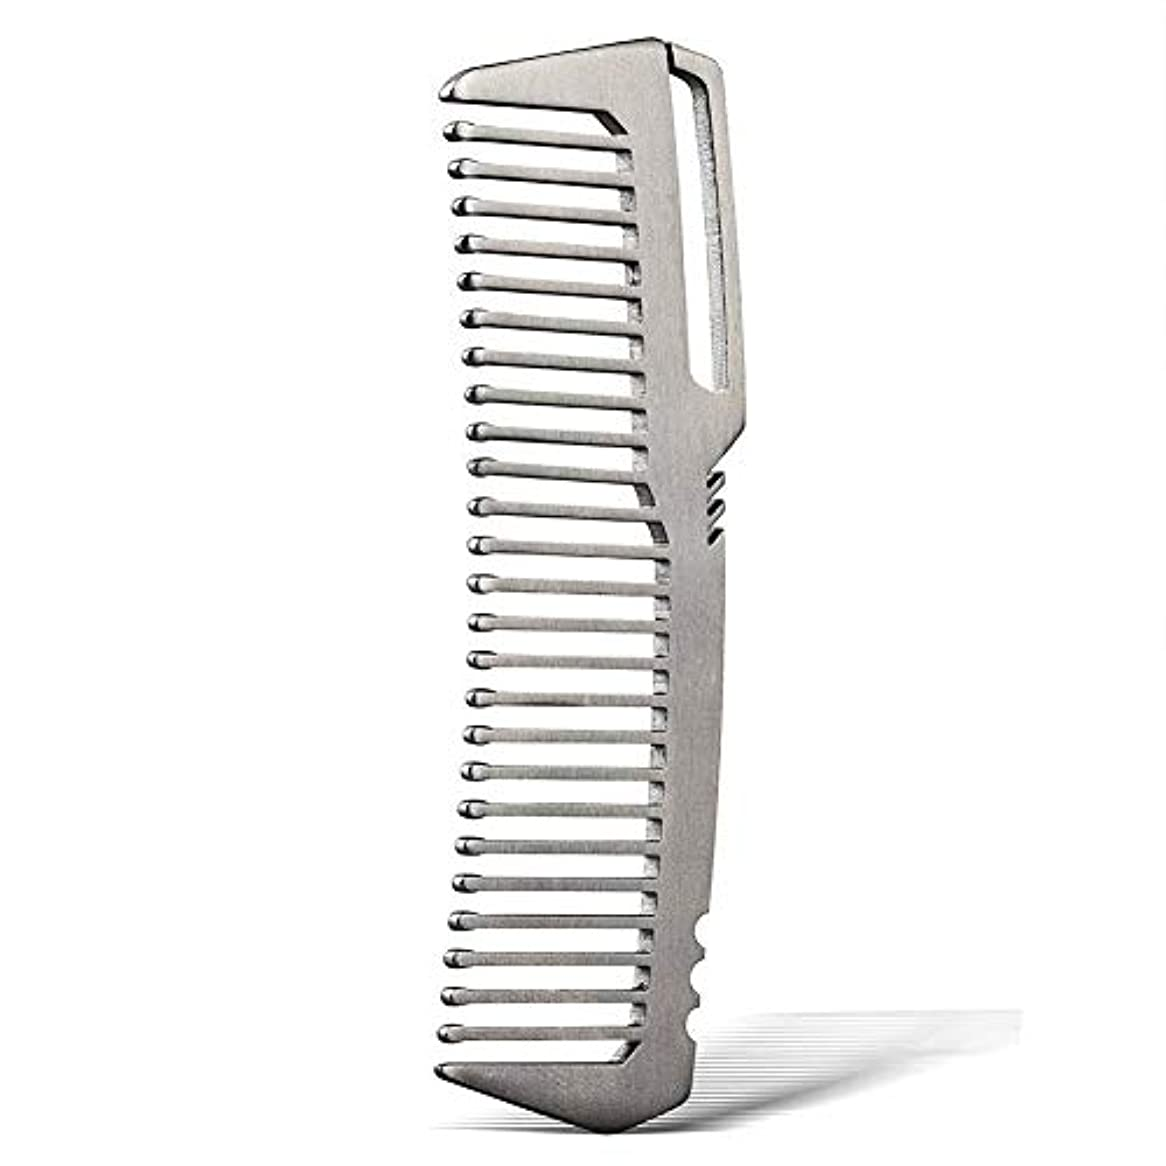 とにかく味わうバンドヘアコーム 軽量携帯型コーム 手作り櫛 チタン製ミニヘアコーム 静電気防止可能 ポケットに収納可くし 高級エコ 耐久性あり 10㎝